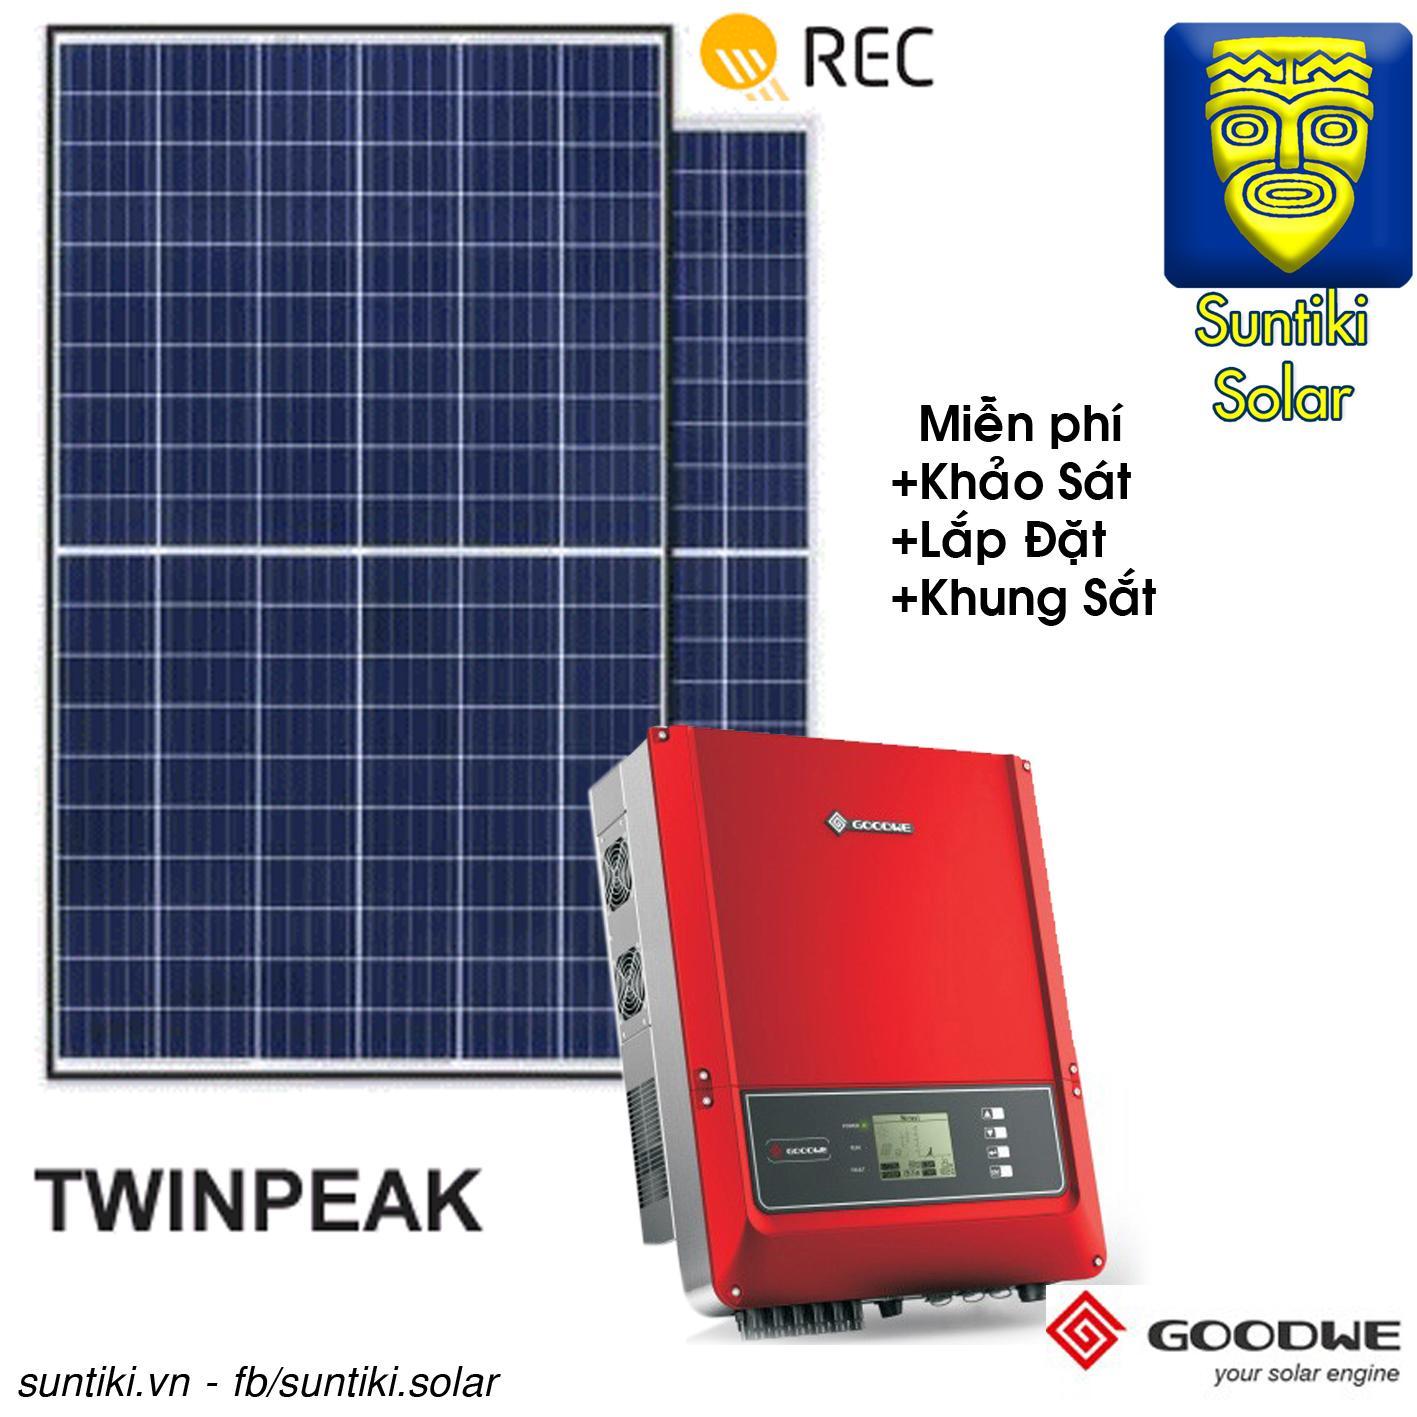 Combo Hệ thống điện năng lượng mặt trời - 6270W (22 tấm pin REC + Máy biến tần Goodwe)